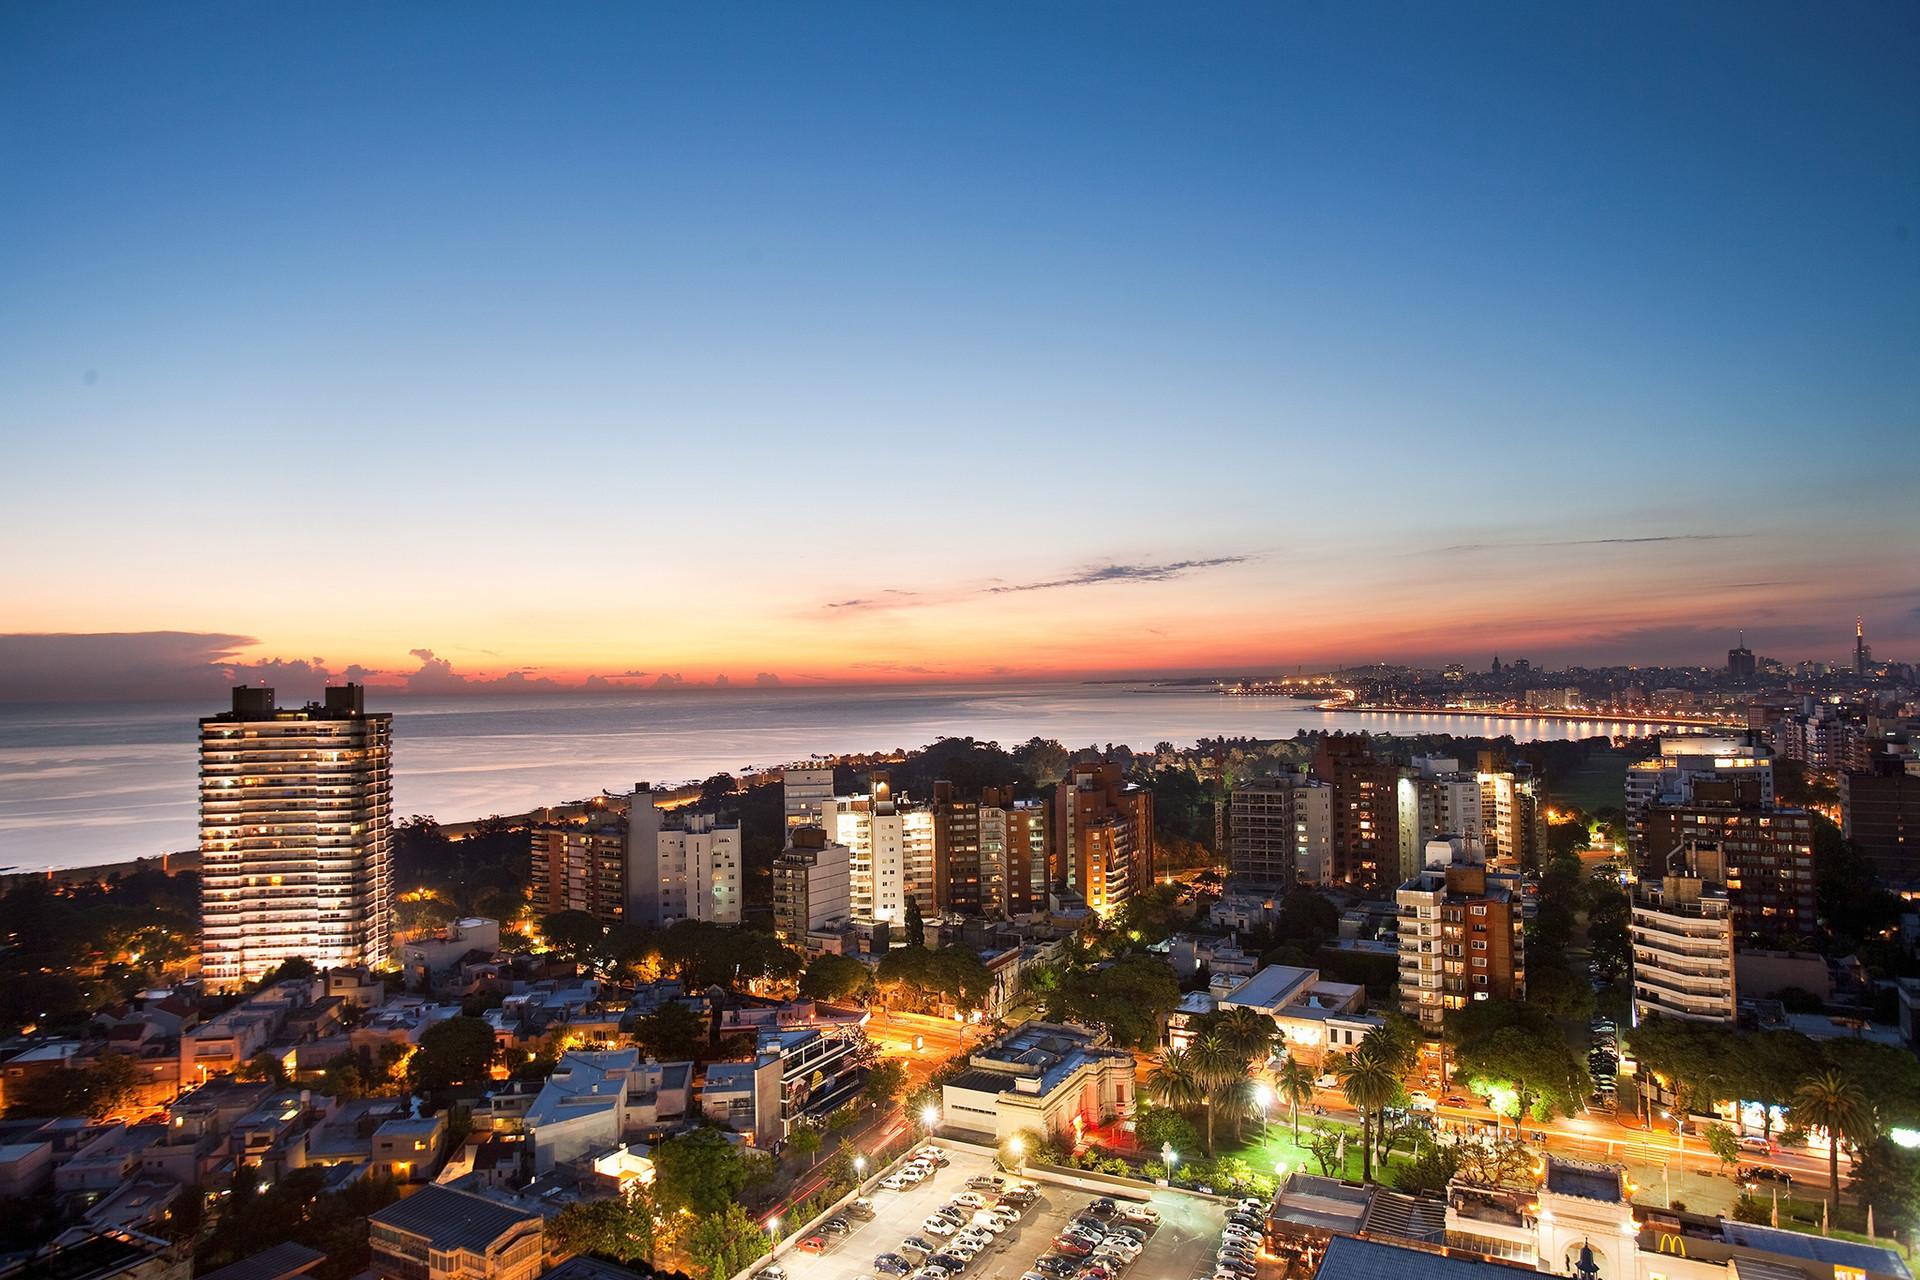 Experiencia en montevideo uruguay de gast n experiencia for Poltronas en montevideo